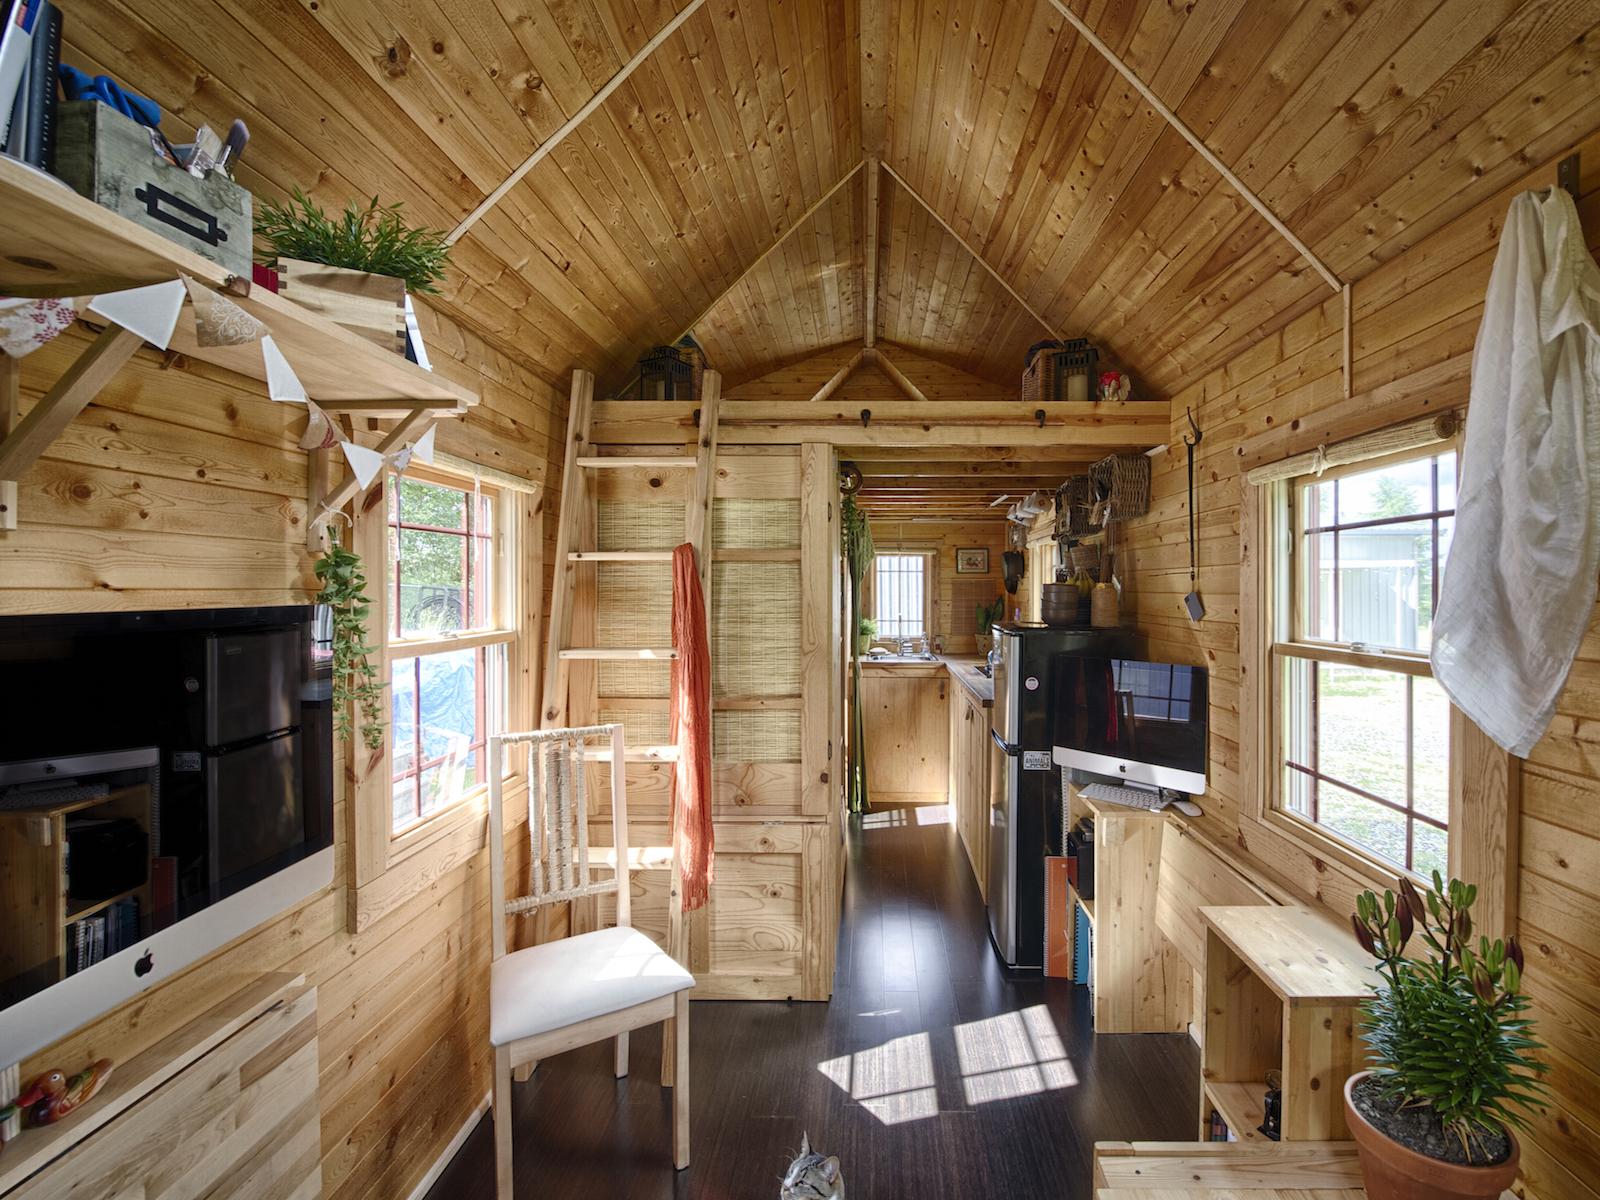 Wonen in een tiny house op wielen de ultieme vrijheid for Piccole planimetrie di piccole case